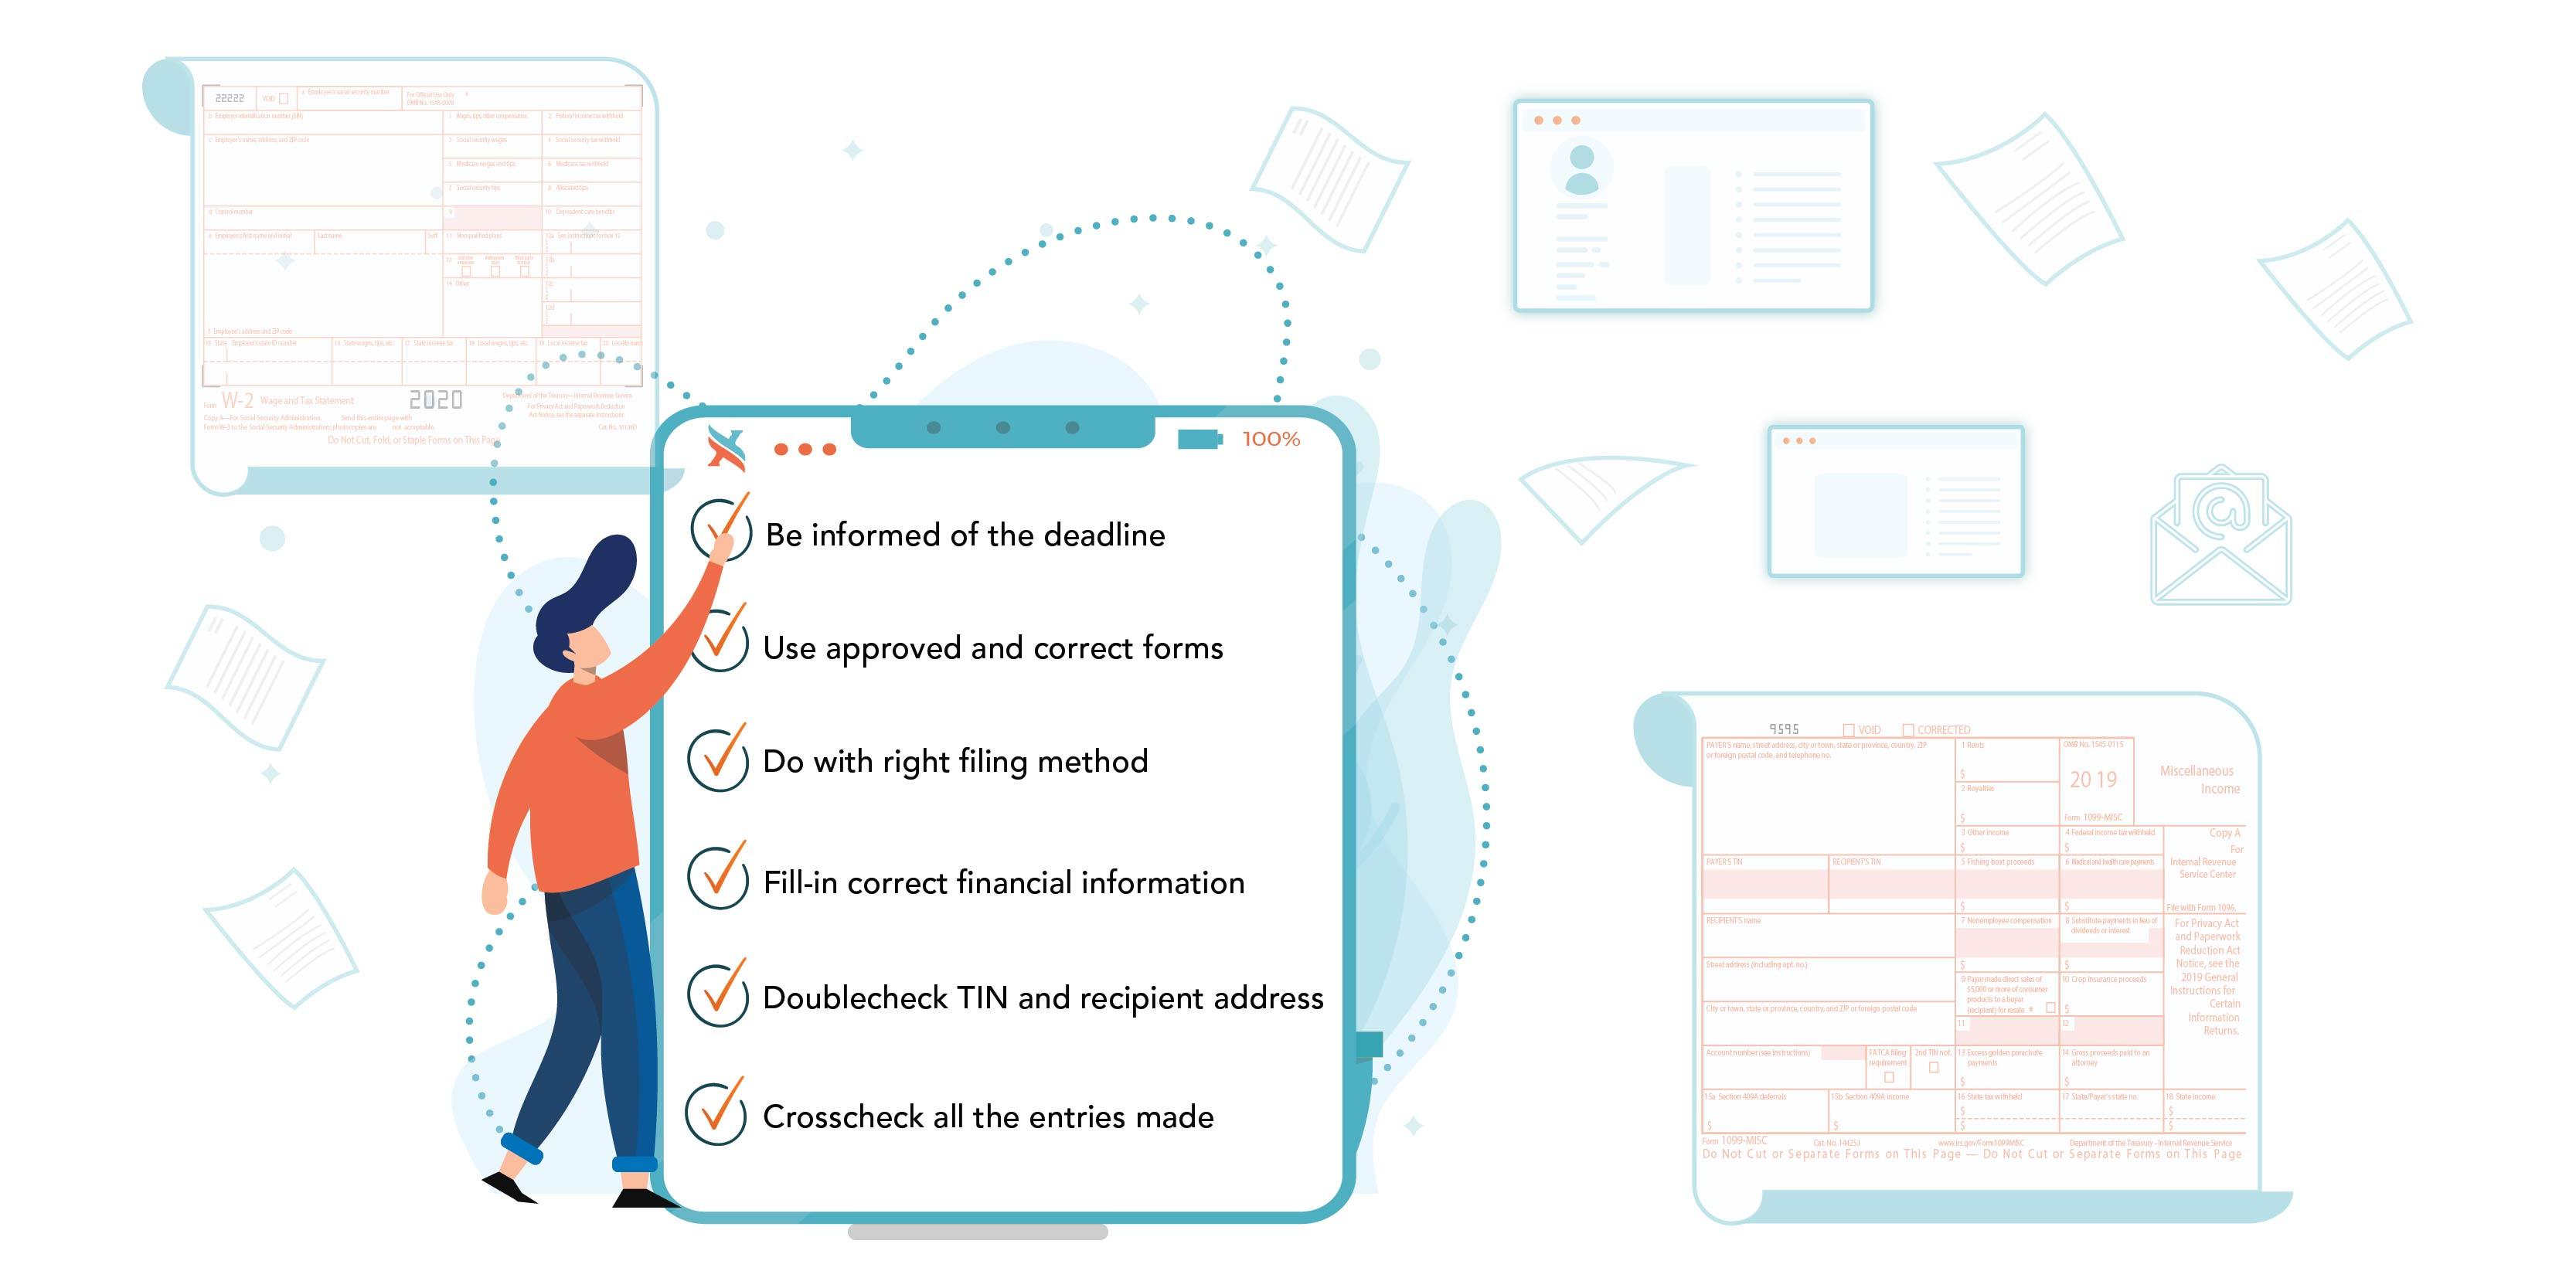 1099/W2 Filing Checklist